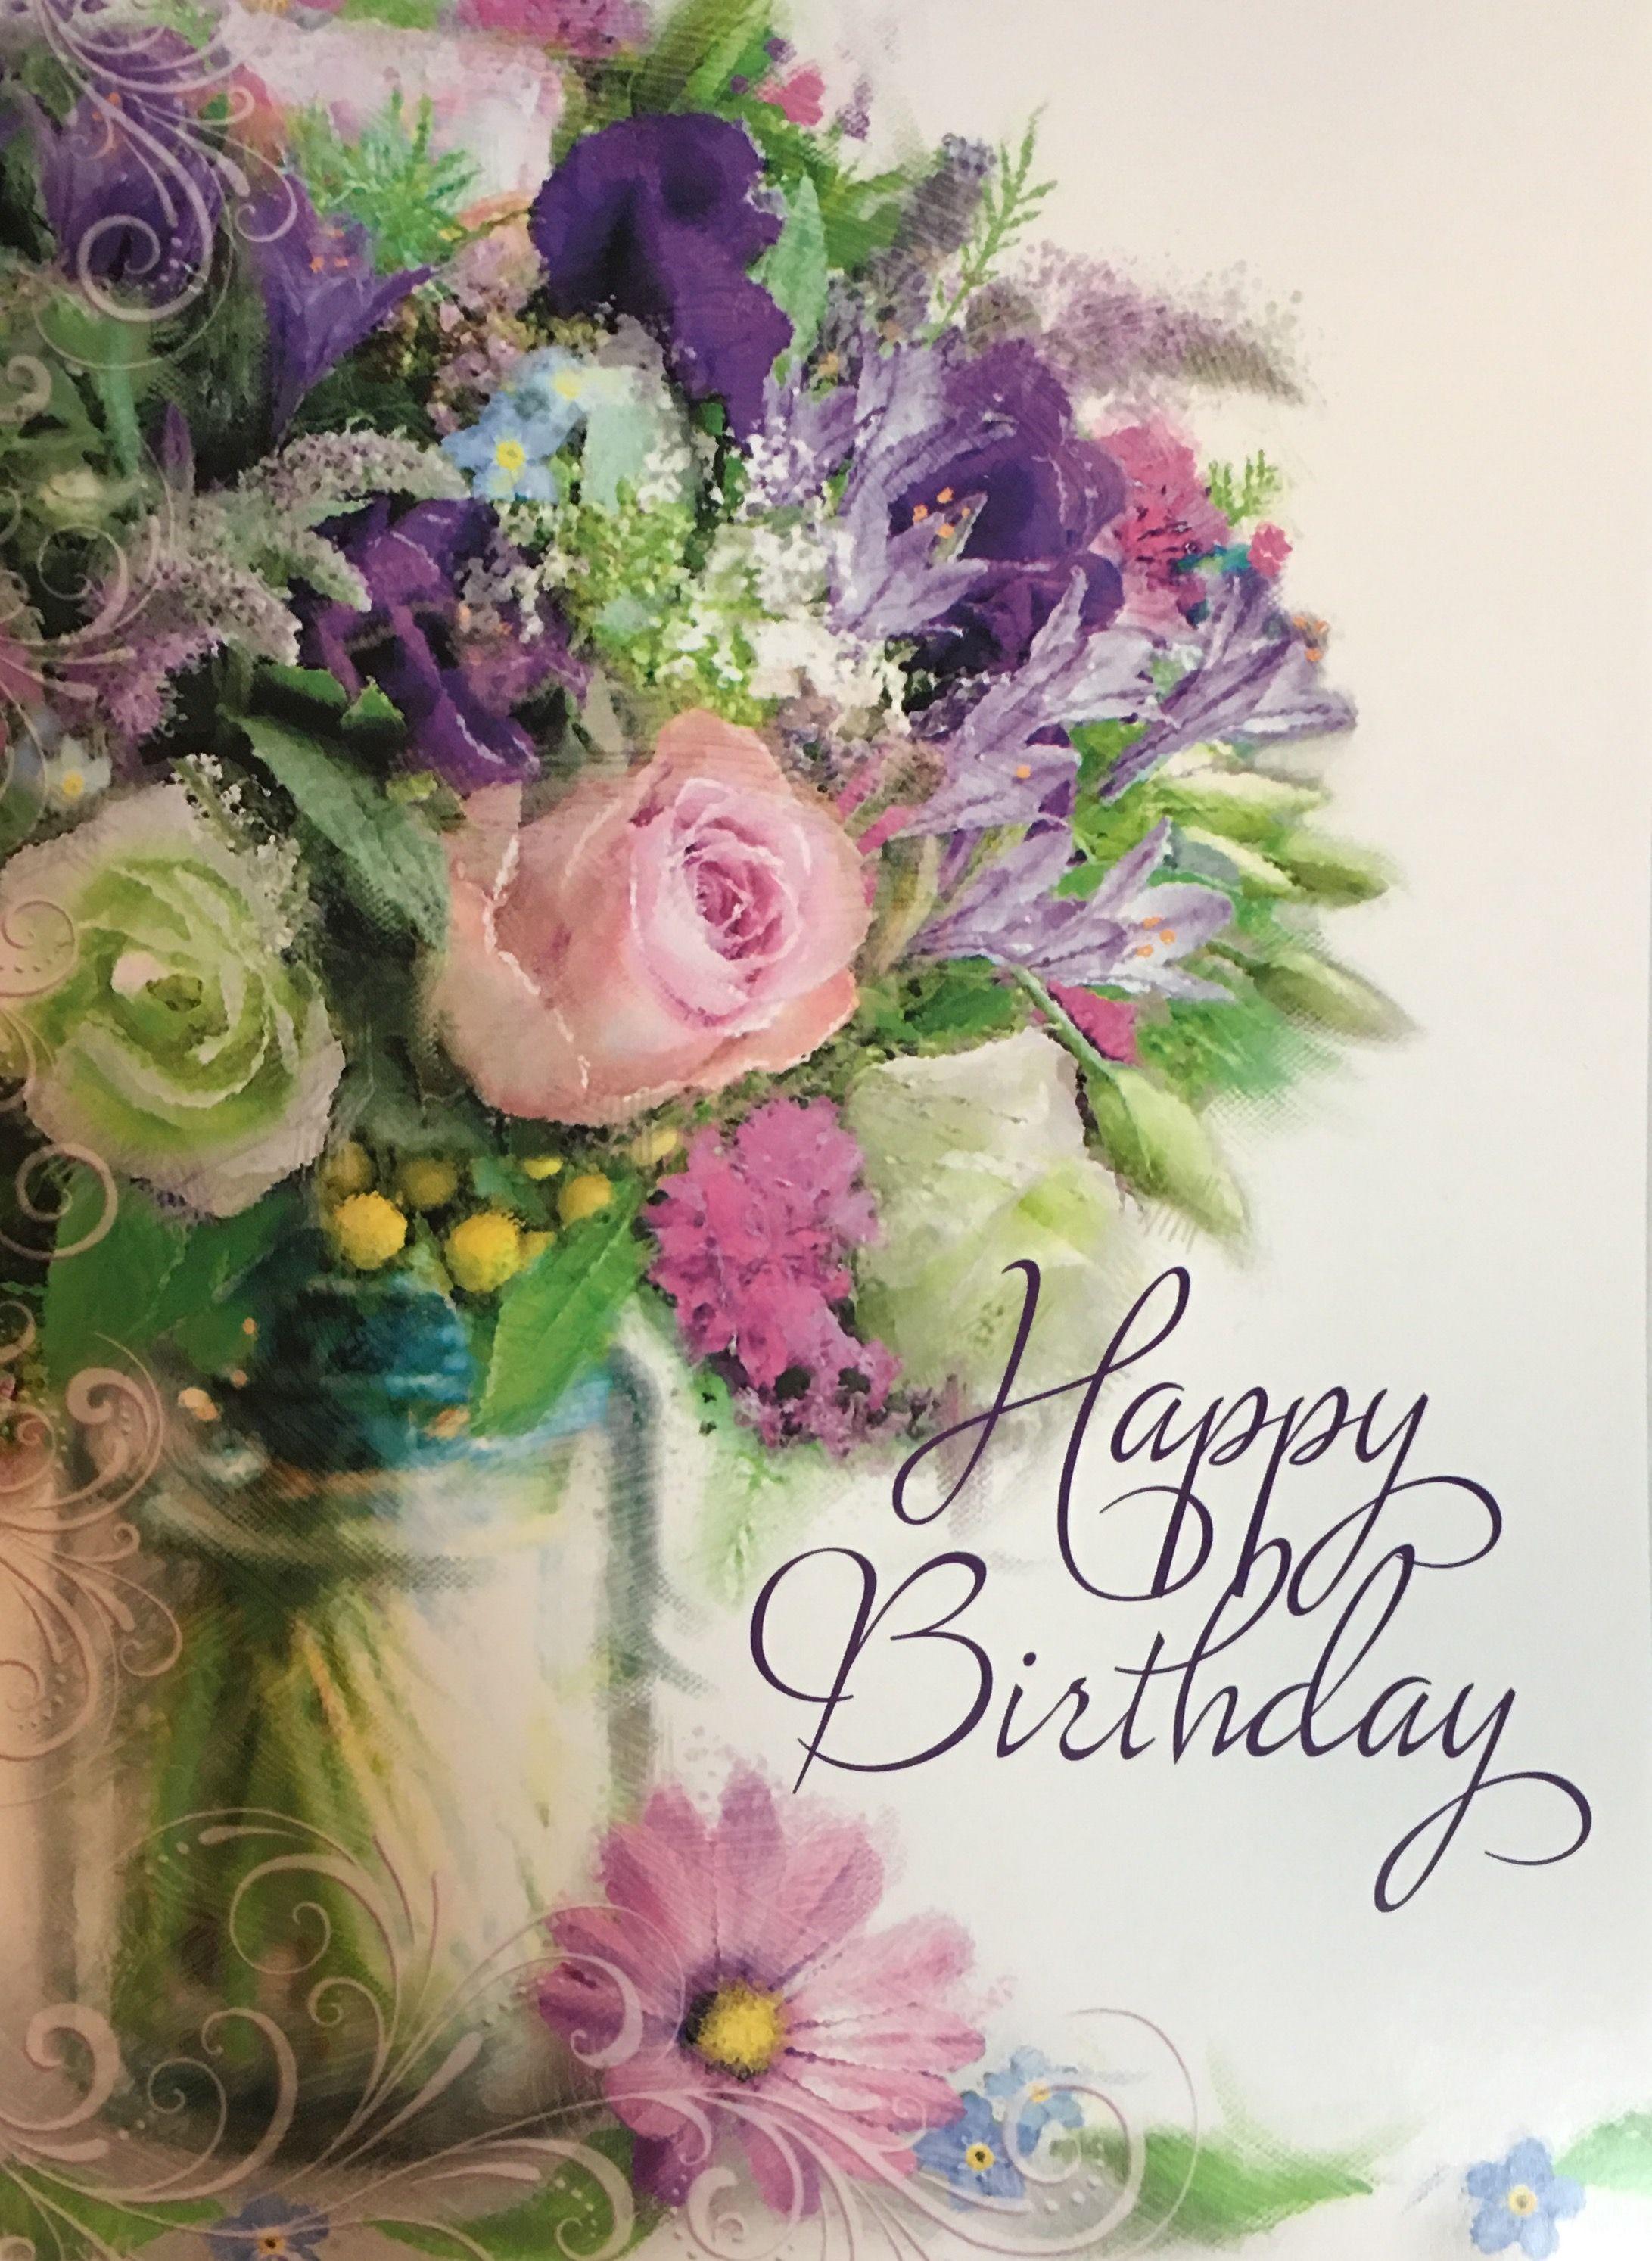 Birthday Birthday wishes flowers, Happy birthday flower